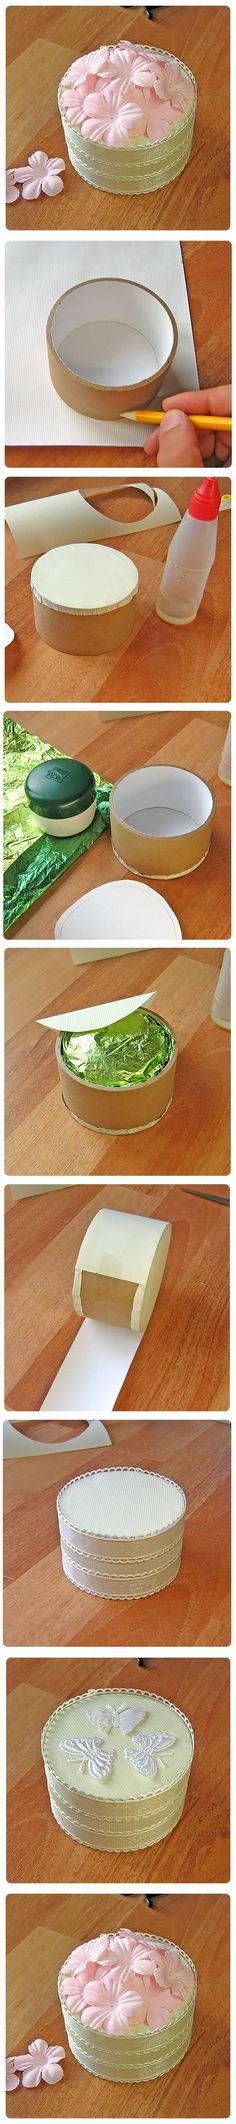 DIY Round Gift Box DIY Round Gift Box